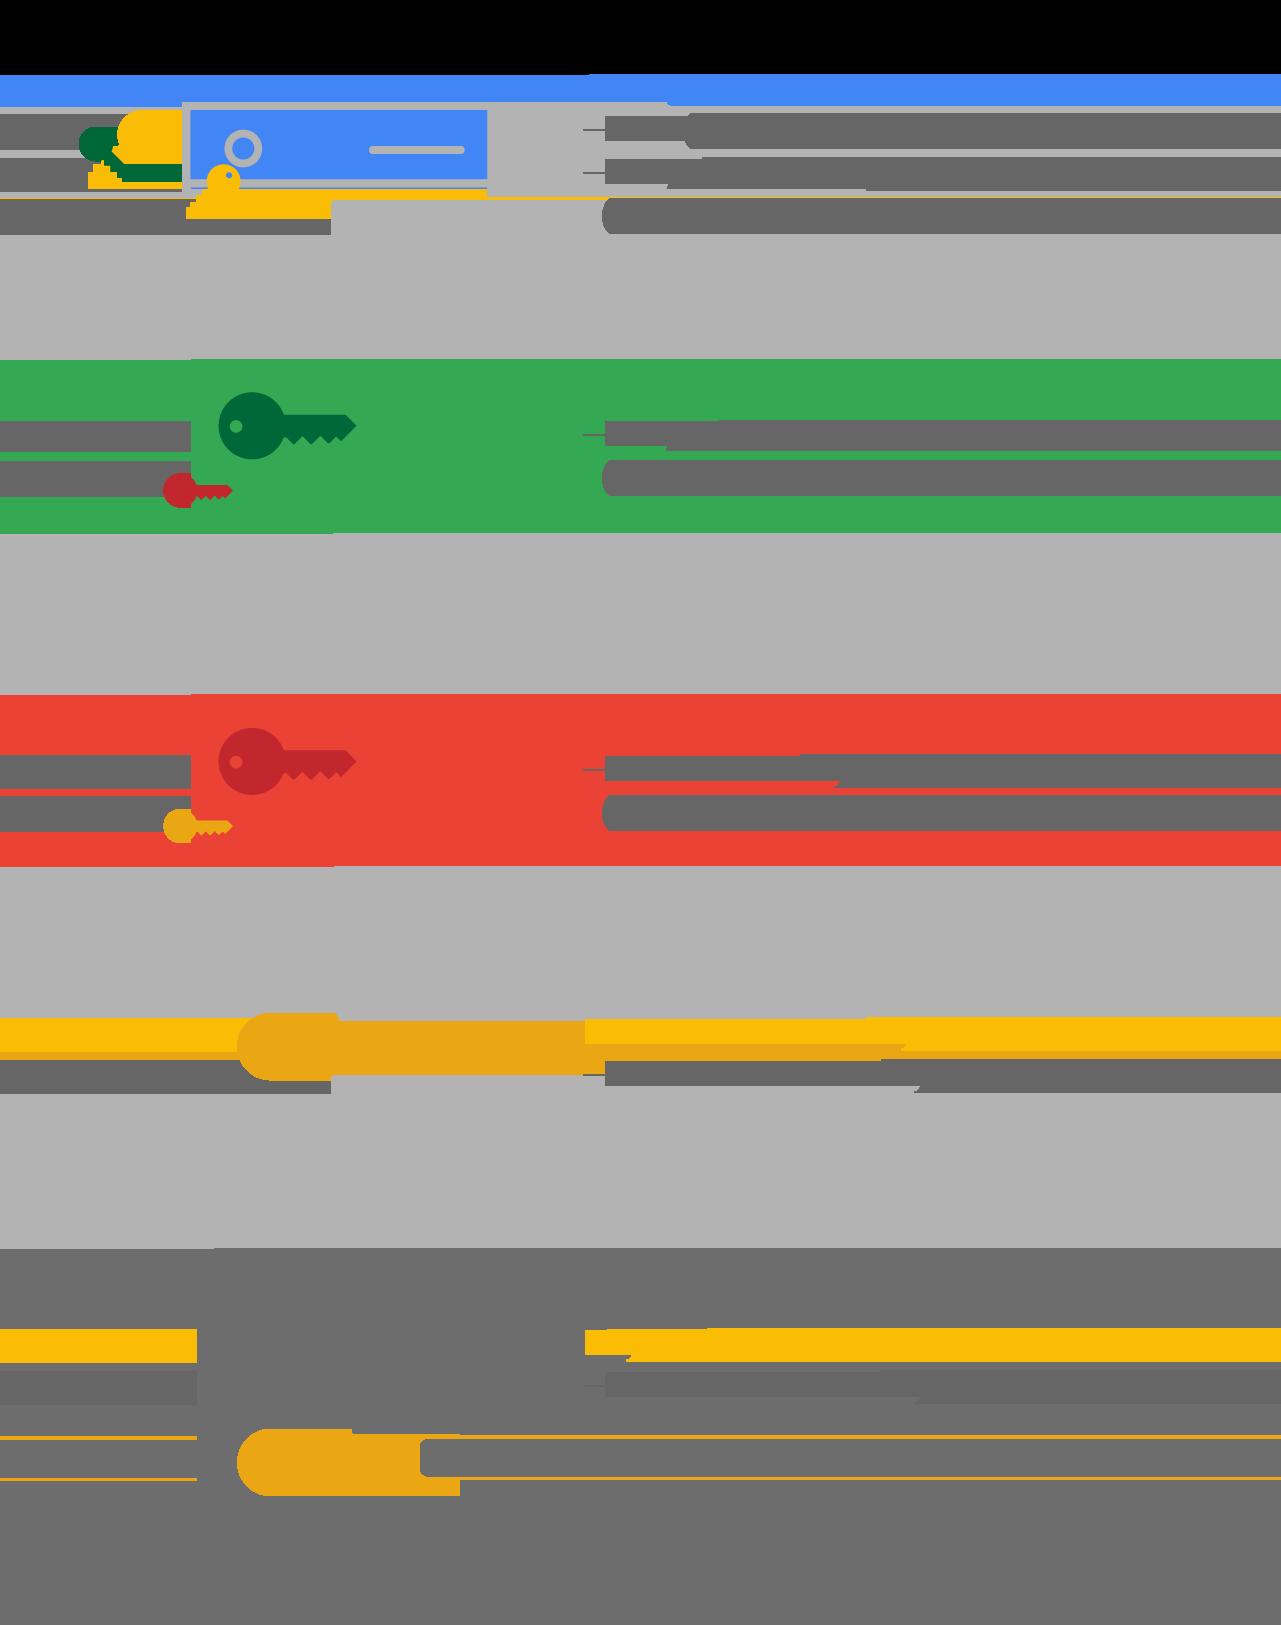 """""""Google 的加密层次结构""""示意图"""